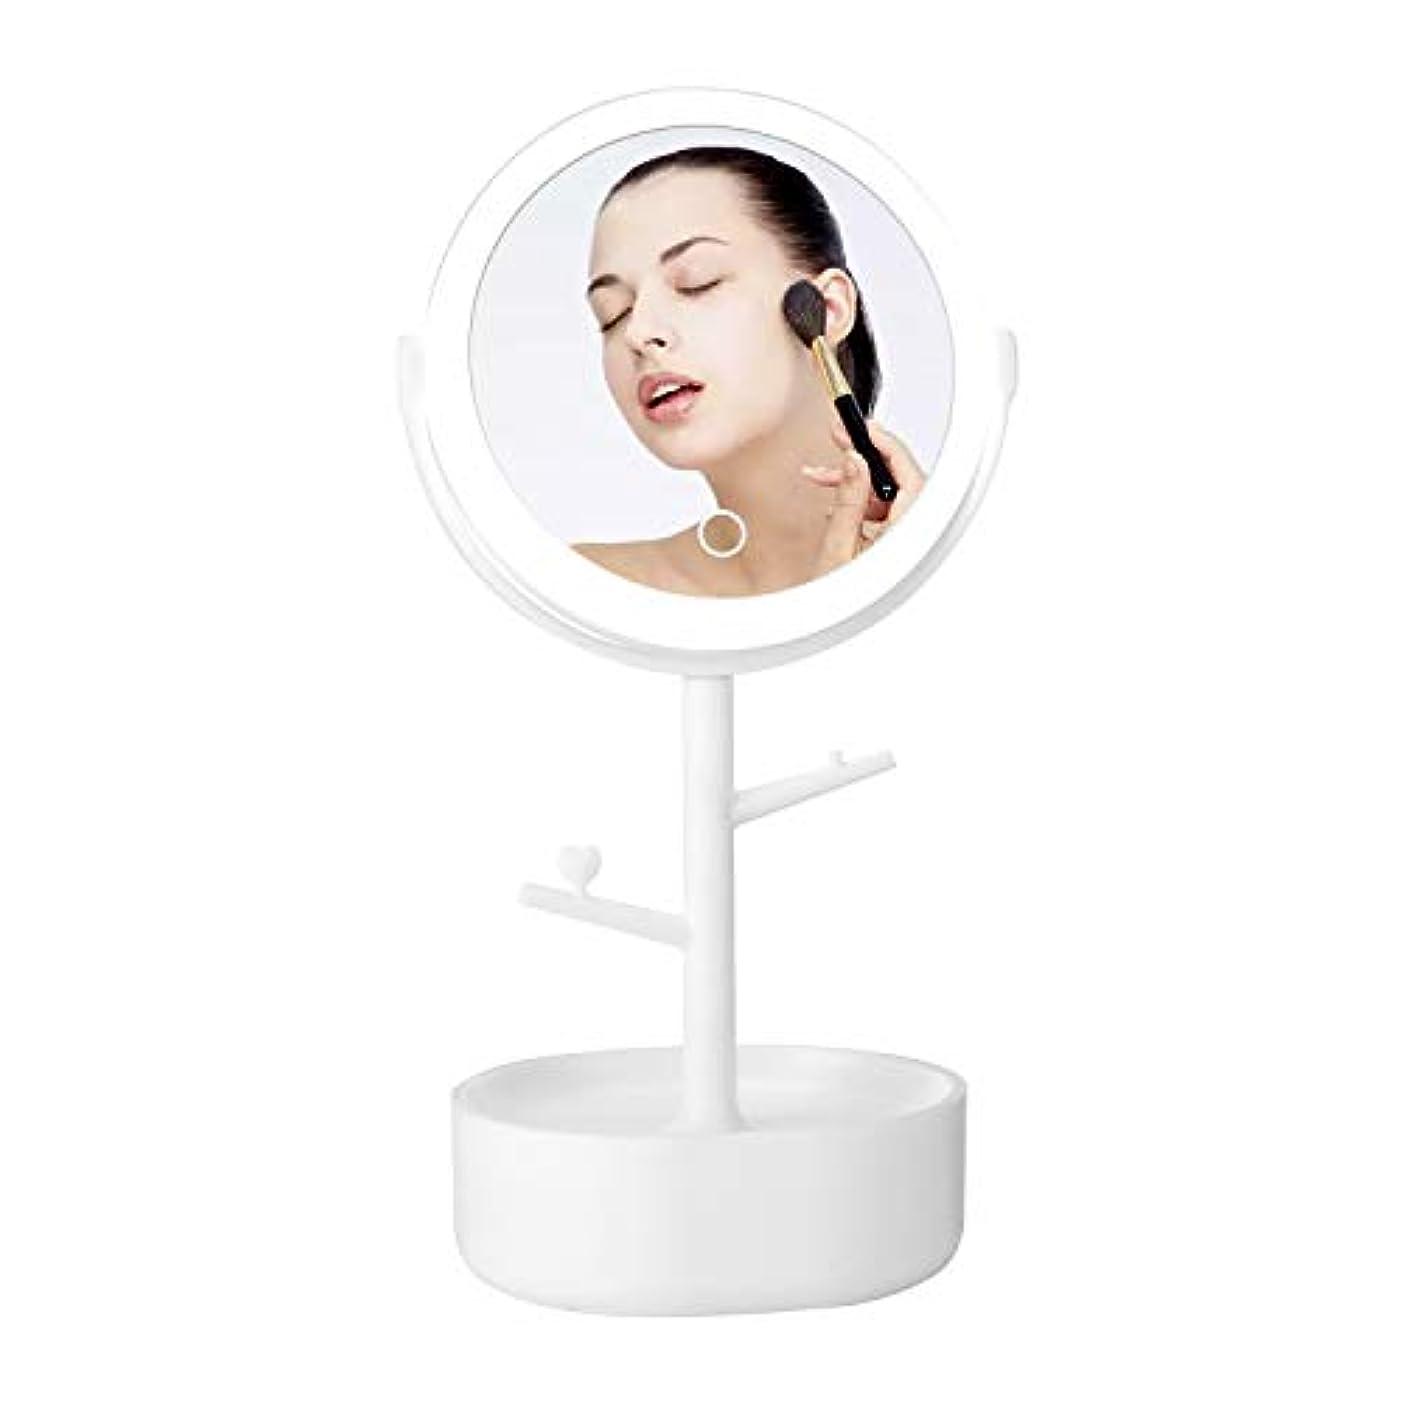 メールを書くピース医薬LED化粧鏡 卓上ミラー 鏡 卓上鏡 収納ボックス付き 360度回転 充電式 サードギア明るさ調節可 USB給電(白)